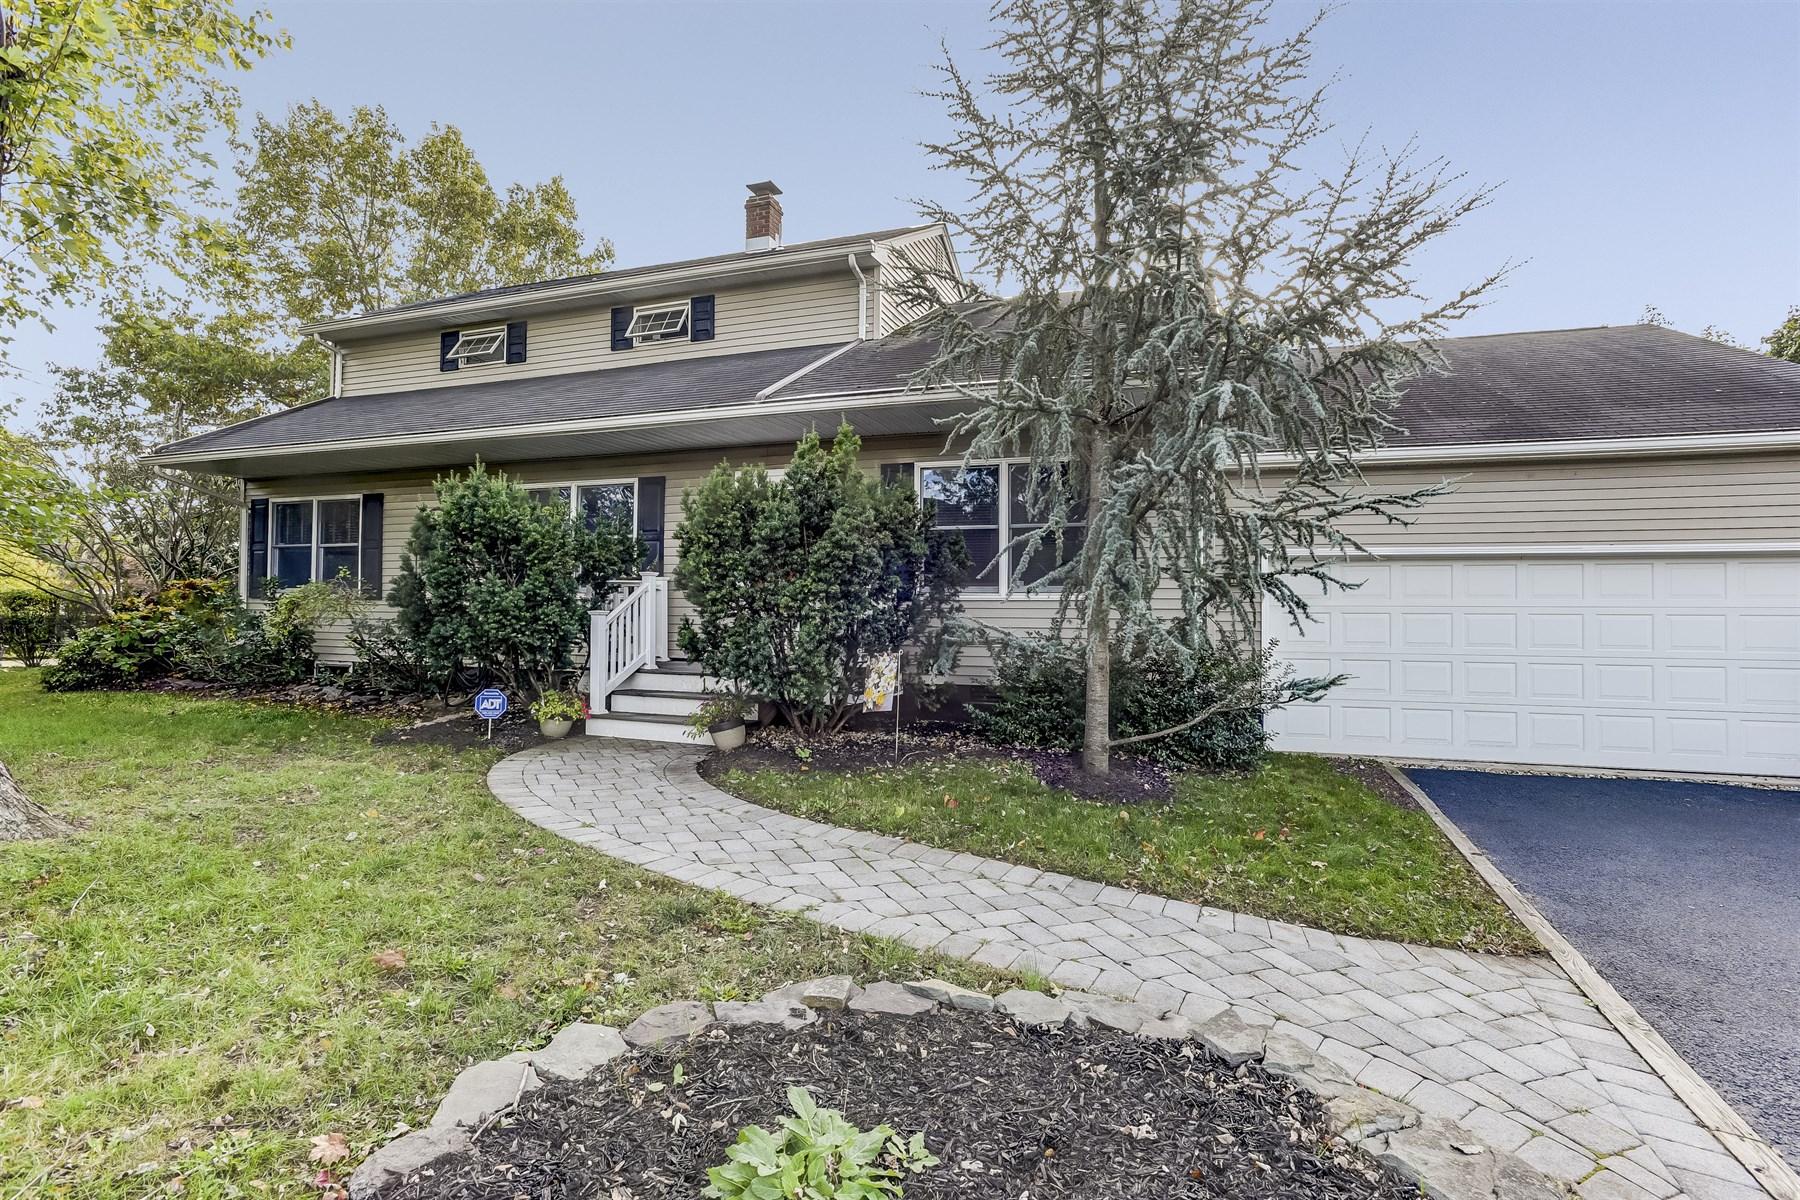 独户住宅 为 销售 在 Charming & Warm Custom Cape 1 Manning Street 雷德班克, 新泽西州 07701 美国